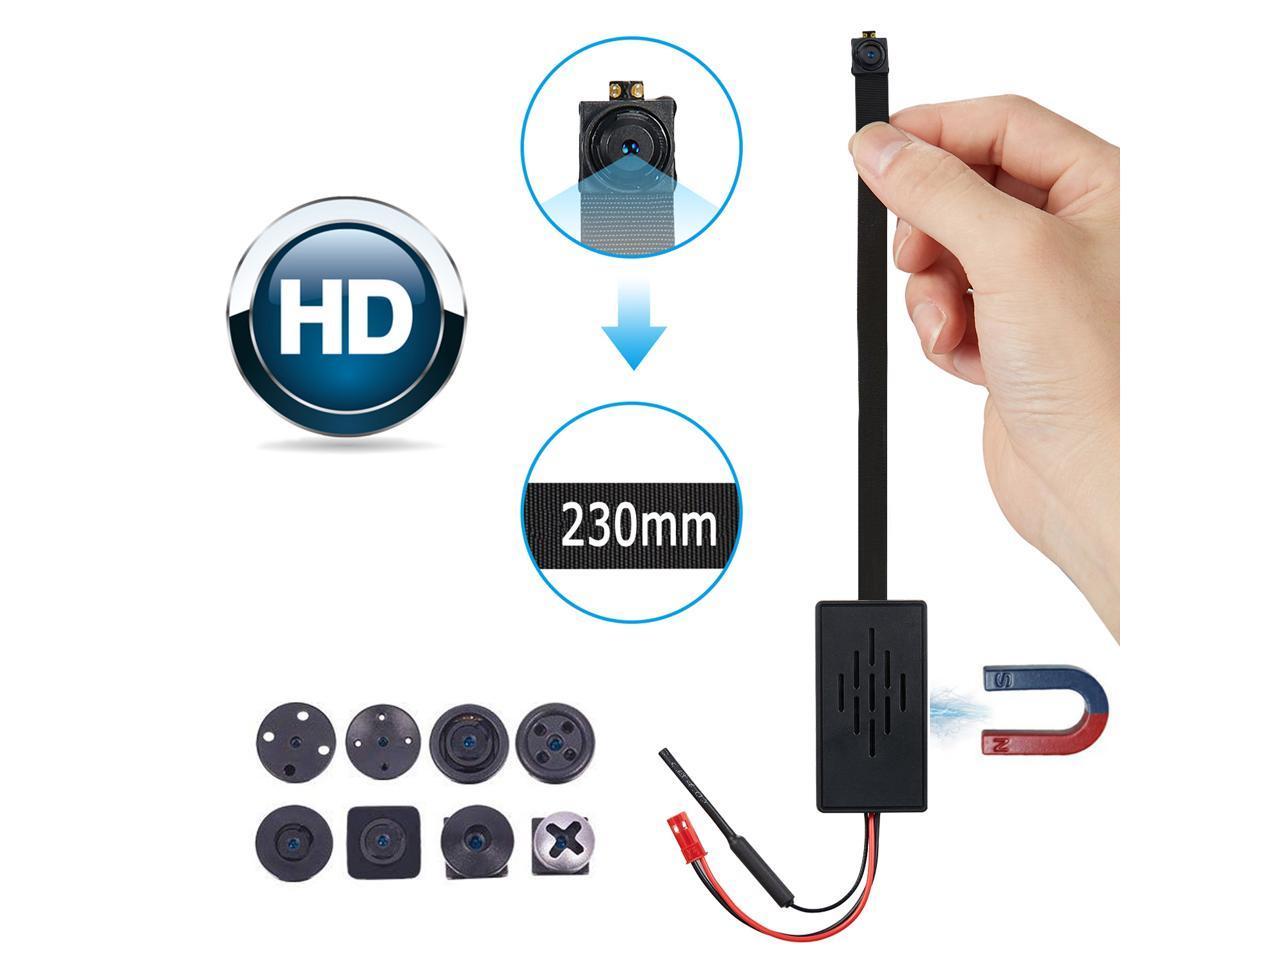 COMBO 4K Spy Wi-Fi 1080P HD Module P2P Hidden Button